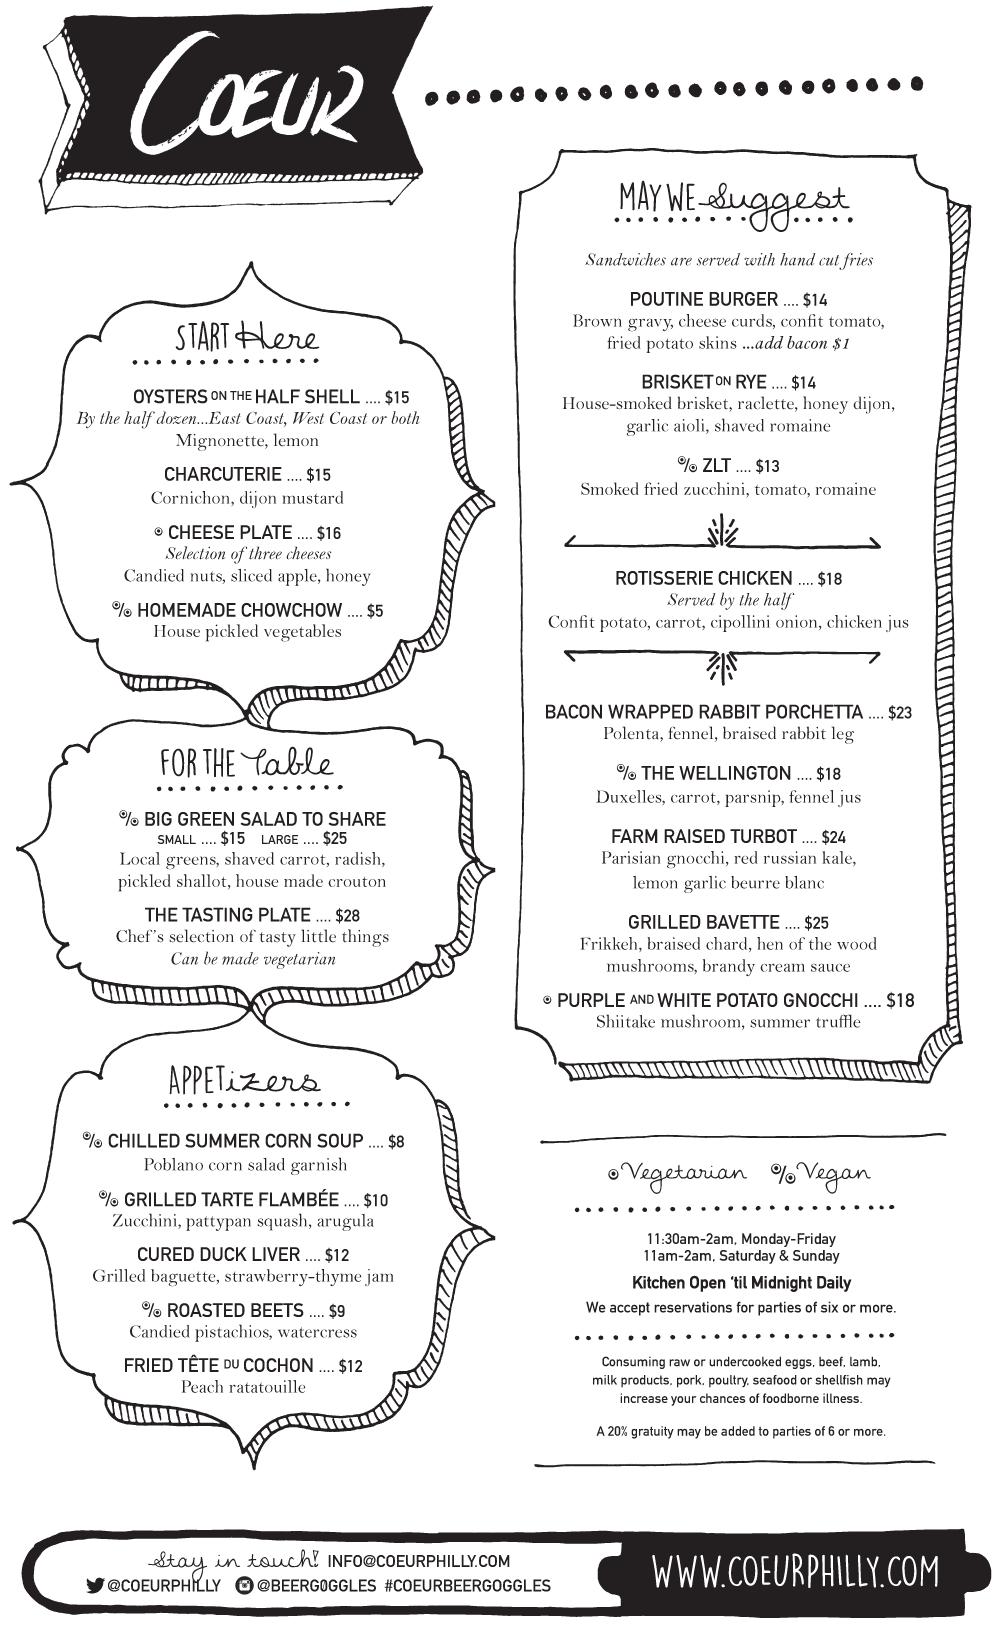 coeur-opening-menu